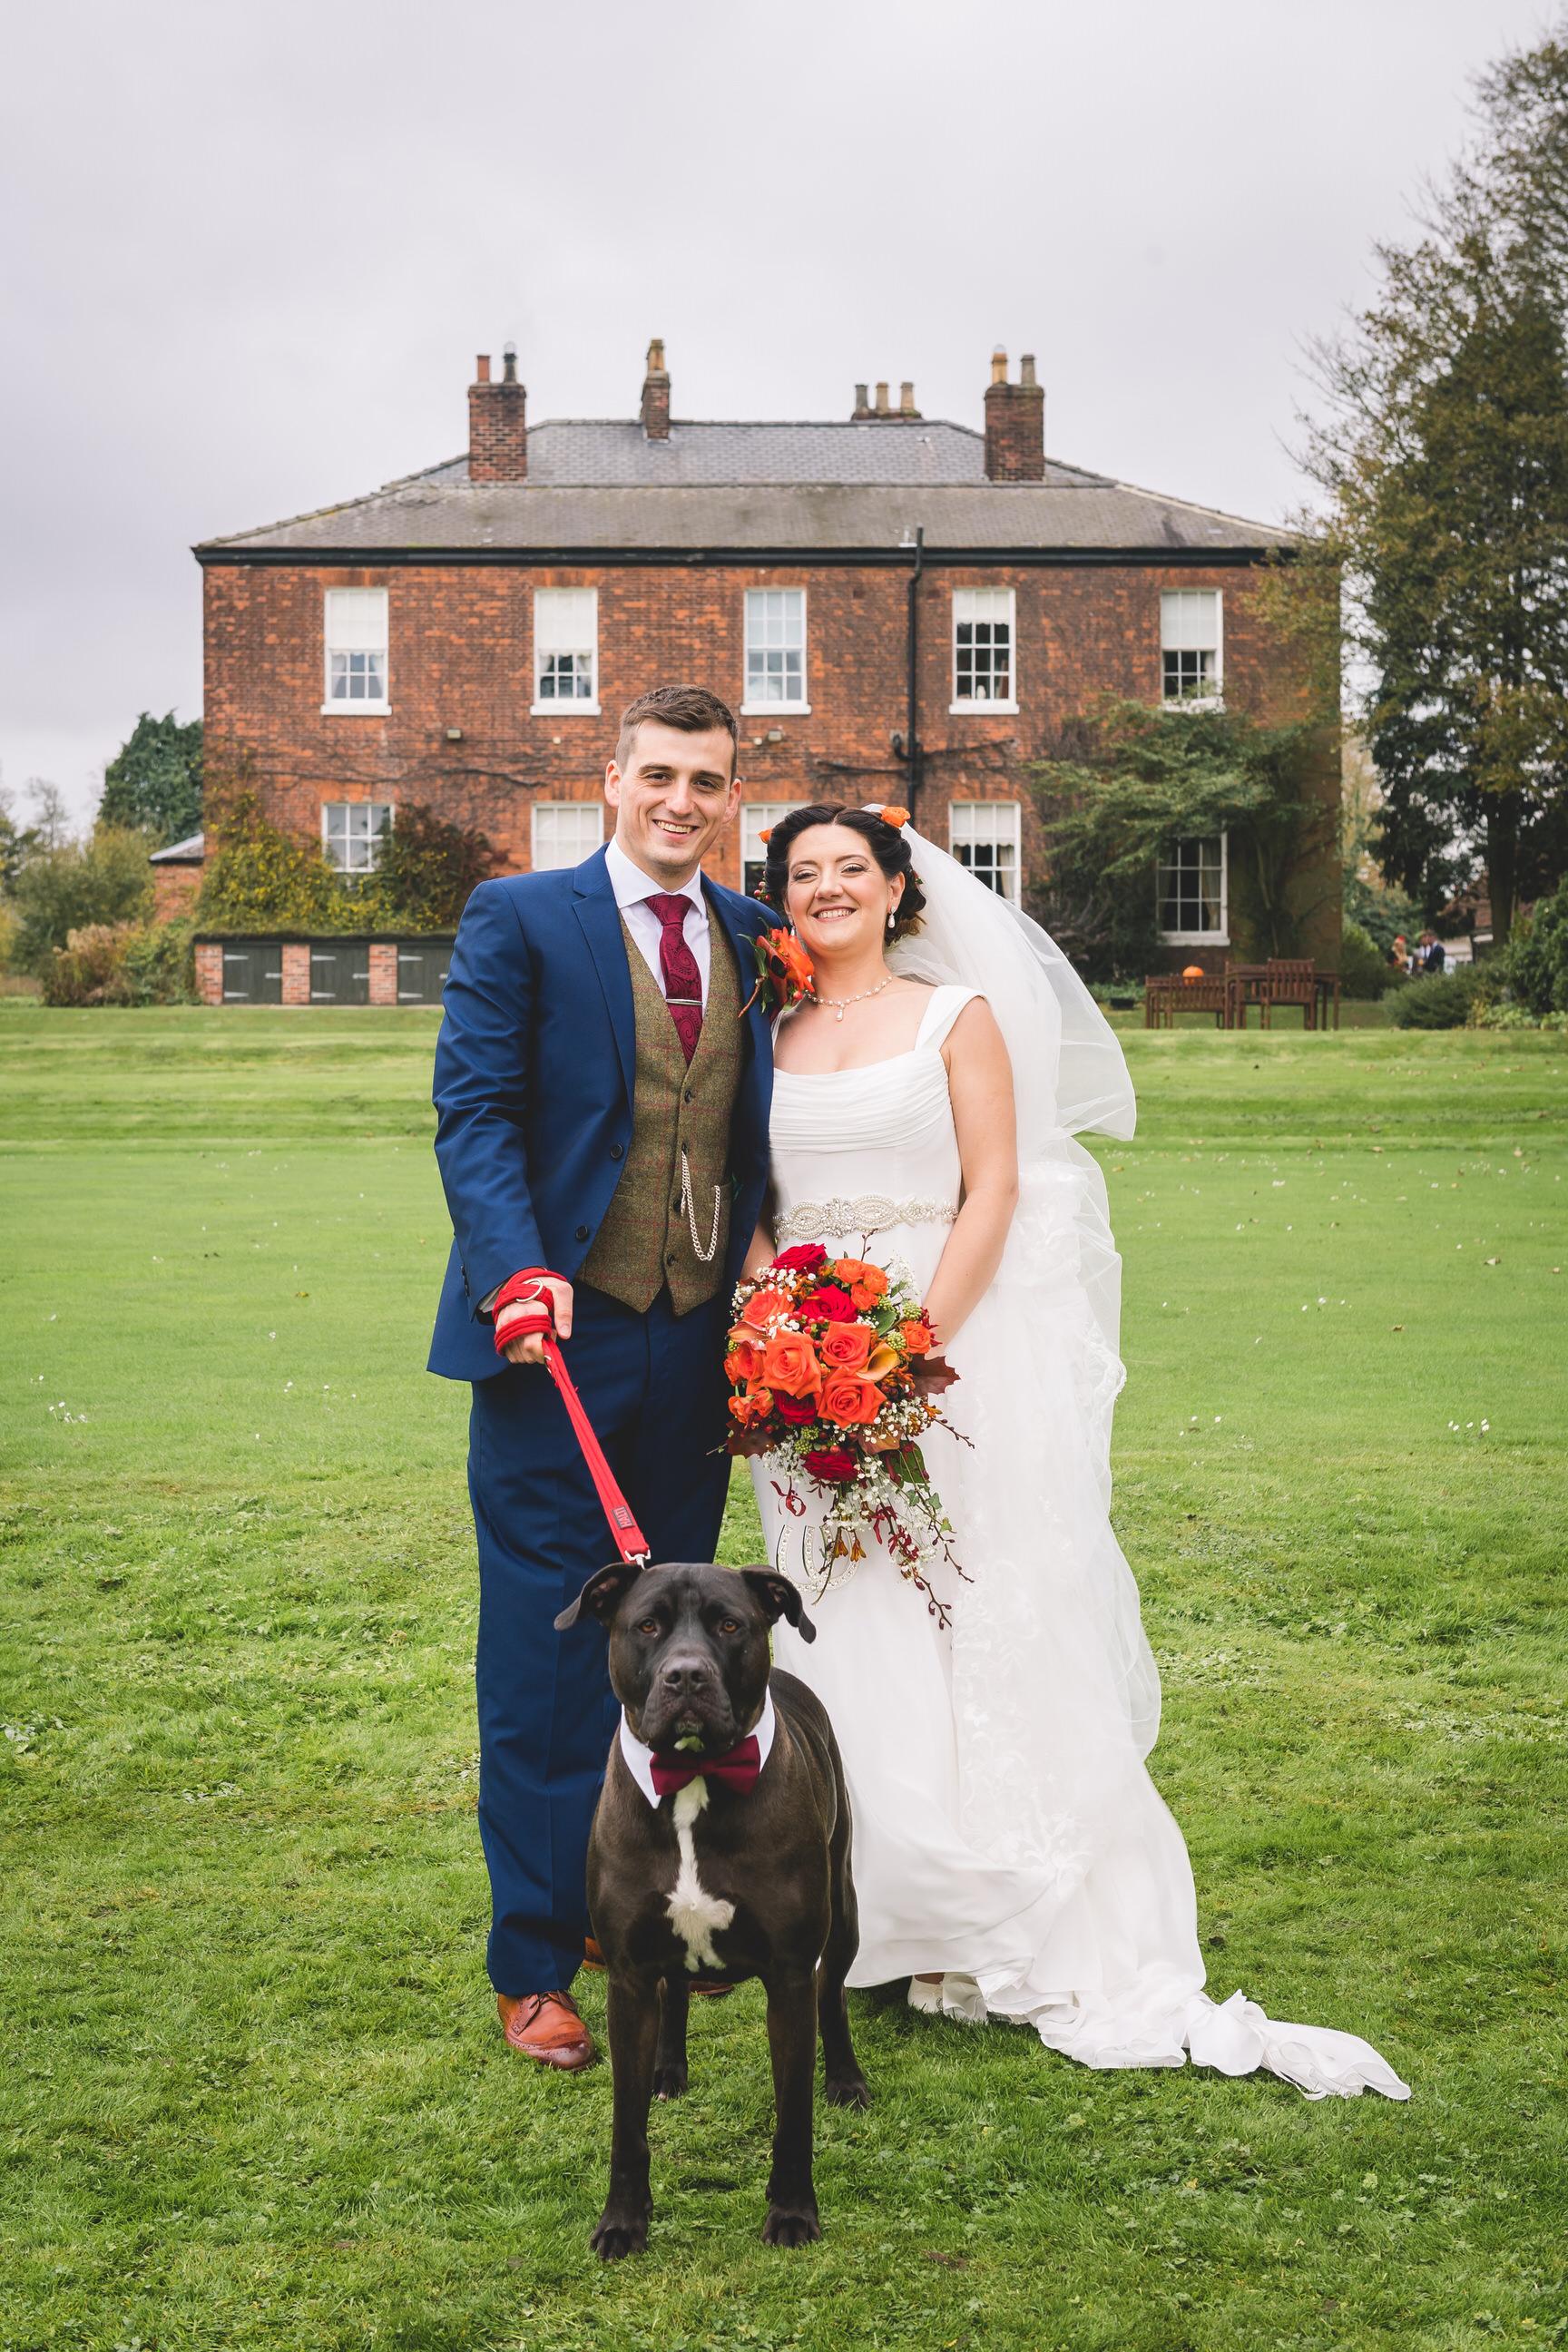 dog-wedding-leeds-wedding-photographer7.jpg